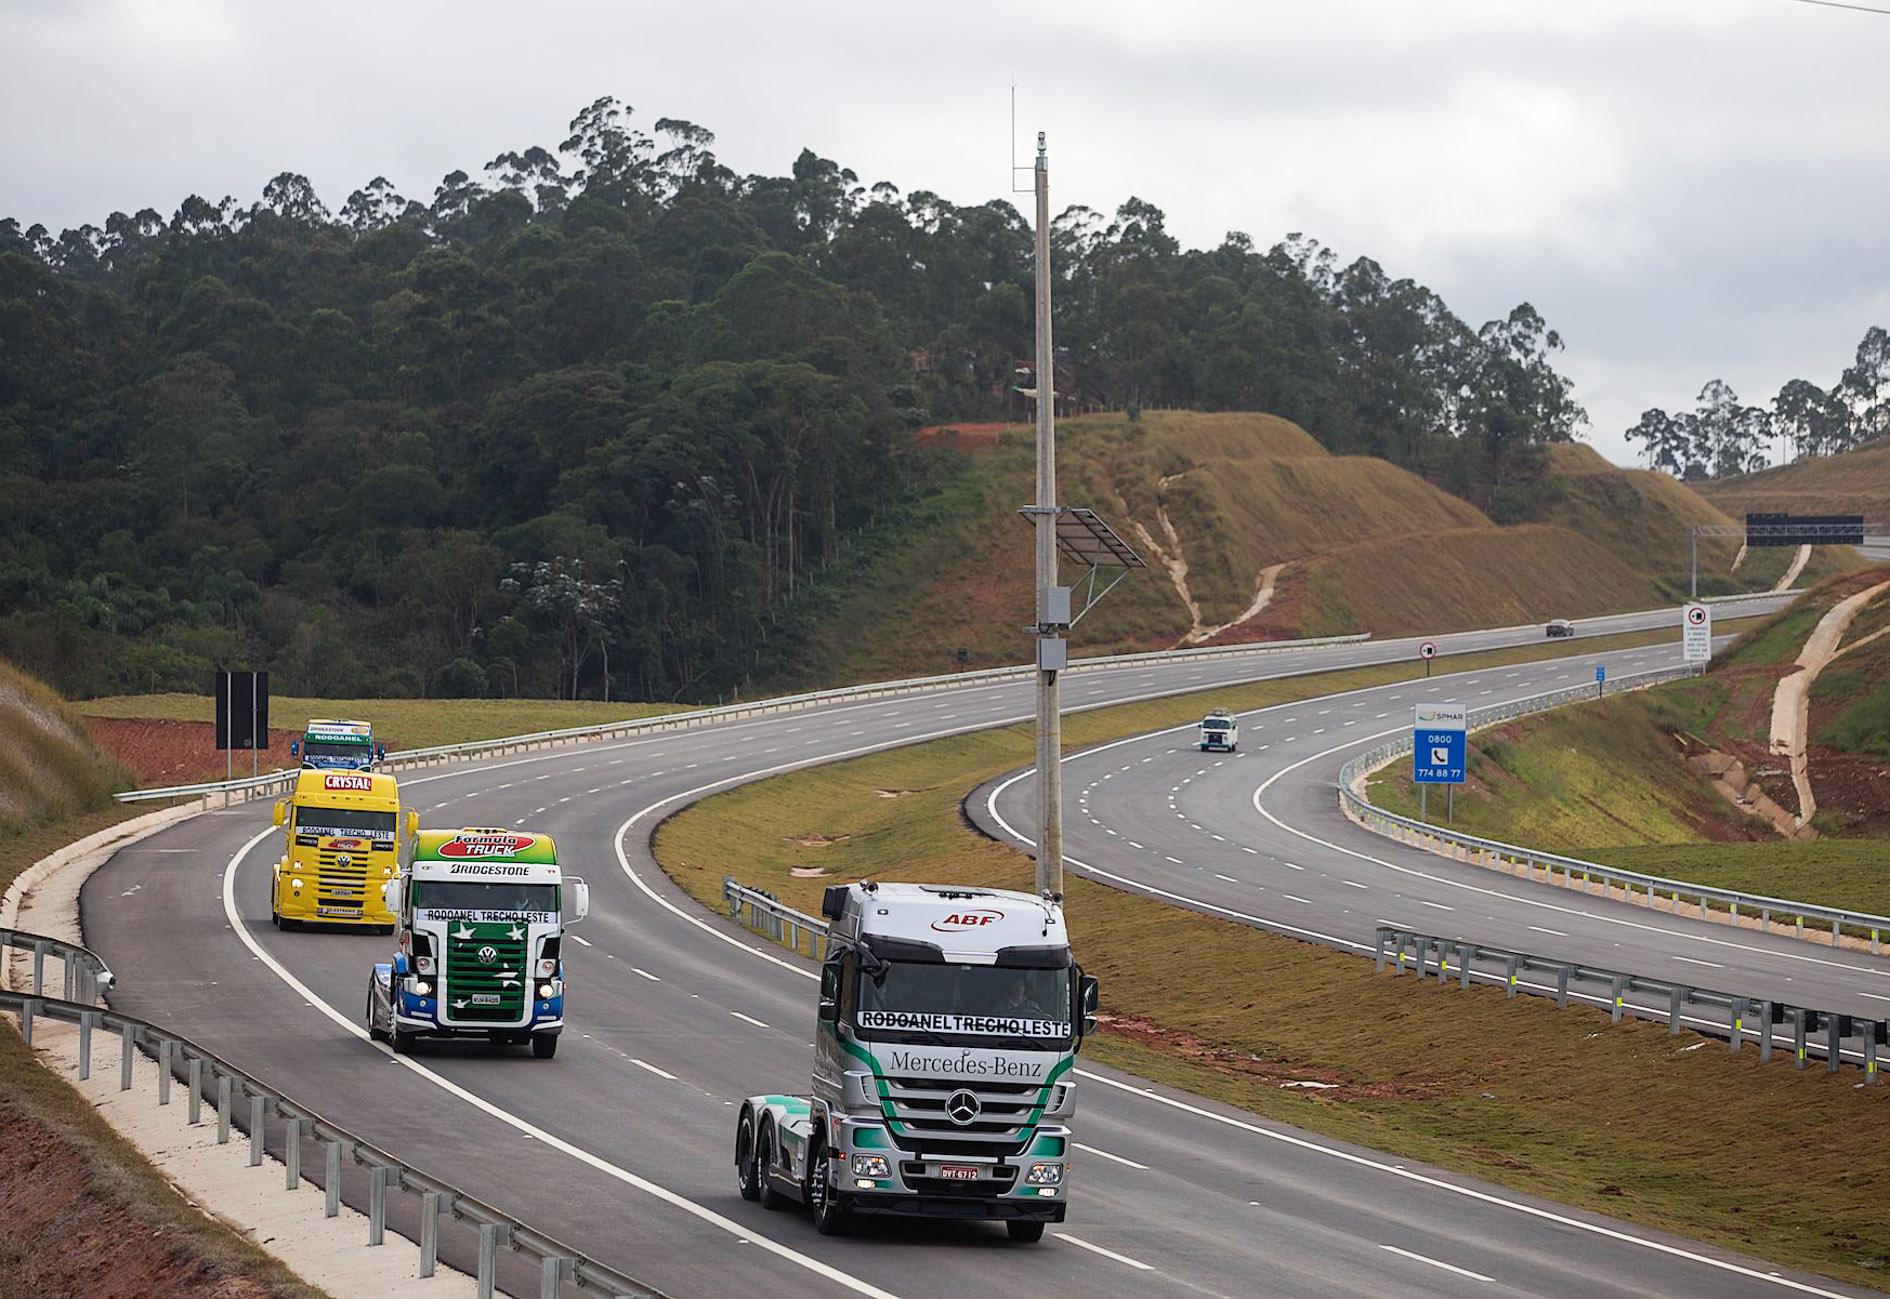 A obra contribuirá para a redução de congestionamentos e queda de níveis de poluição na cidade de São Paulo. Foto: A2img / Daniel Guimarães